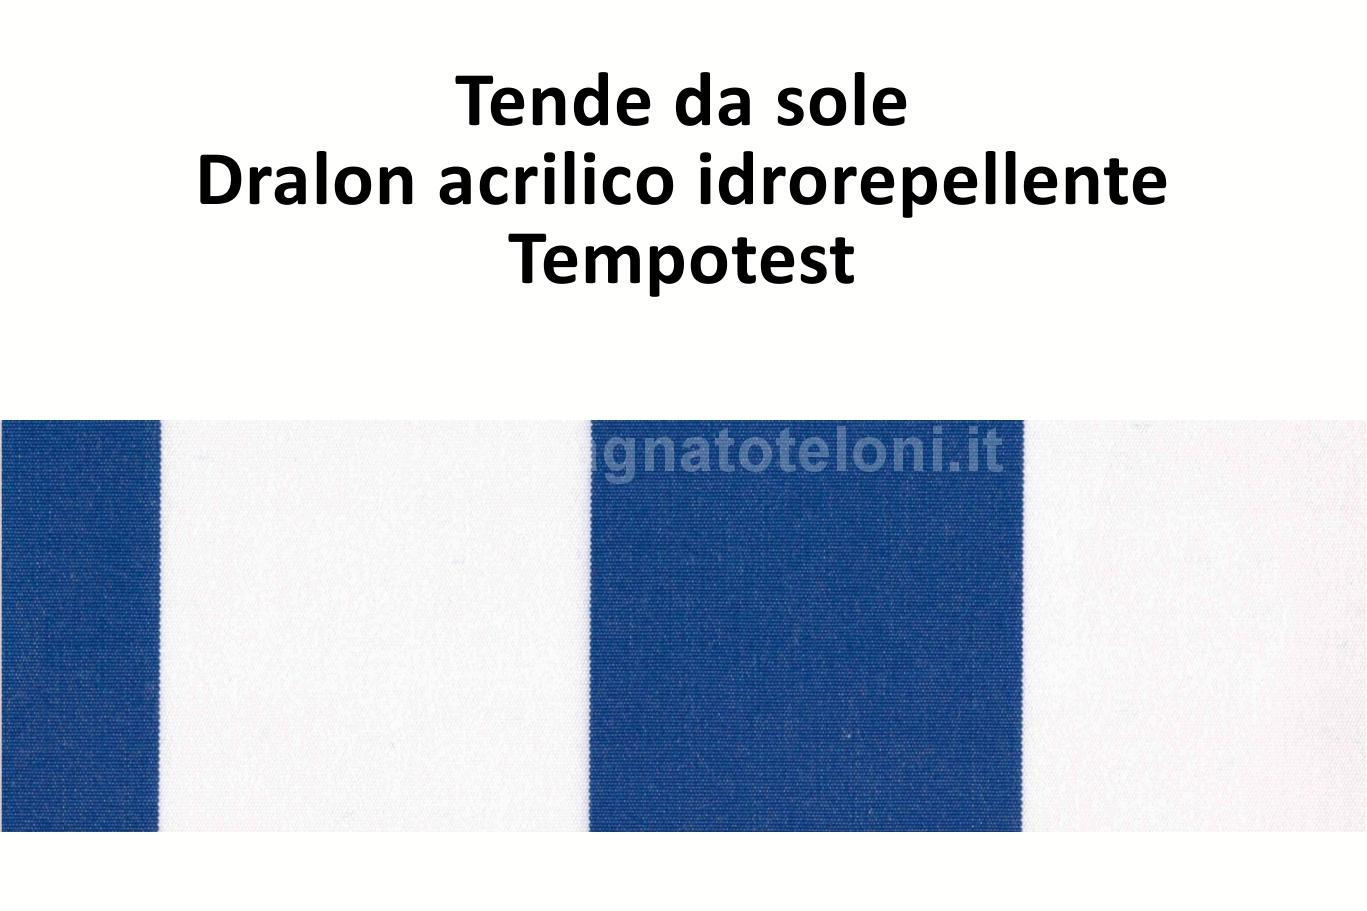 tende da sole dralon acrilico idrorepellente rigato doppio blu